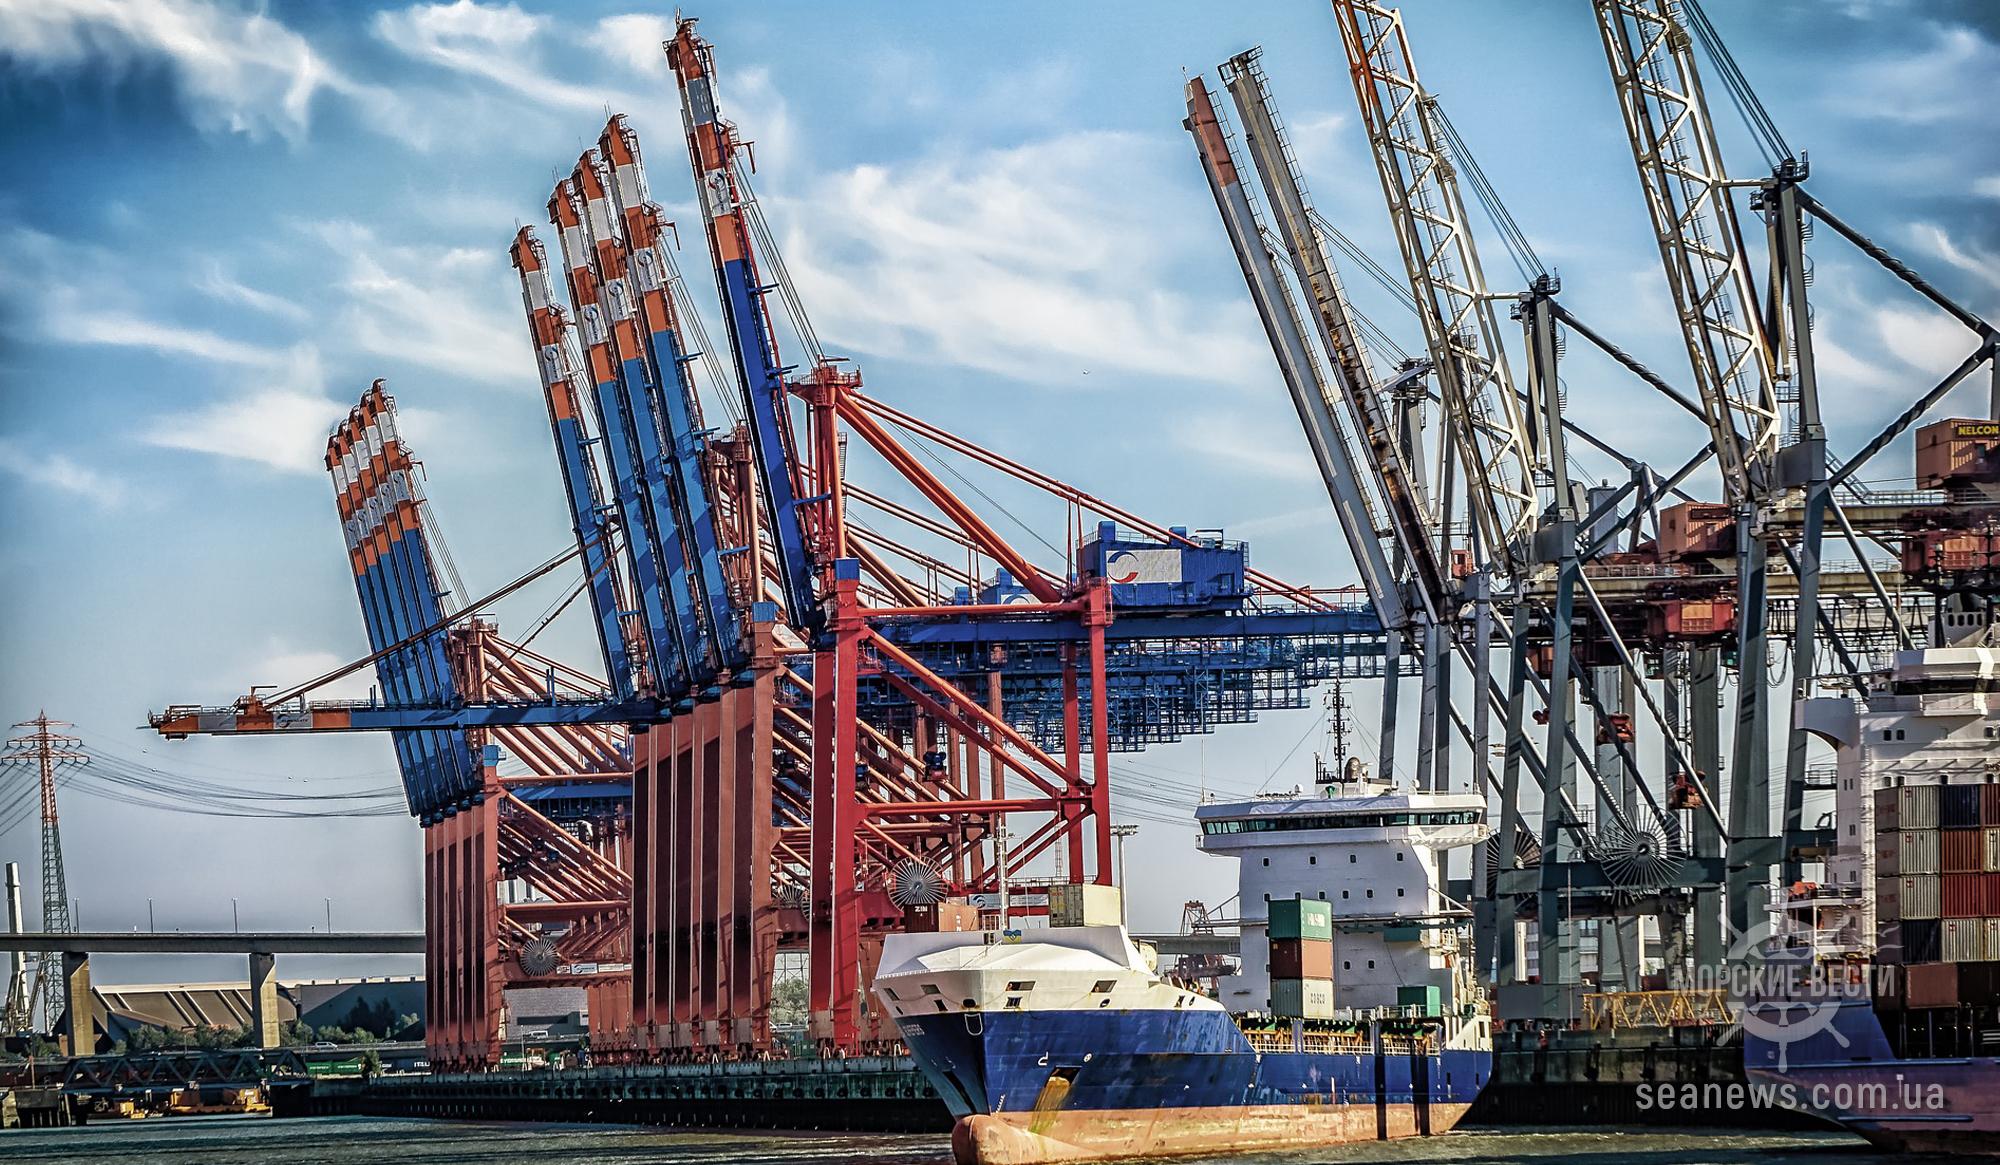 Порт Черноморск принял крупную партию американского угля